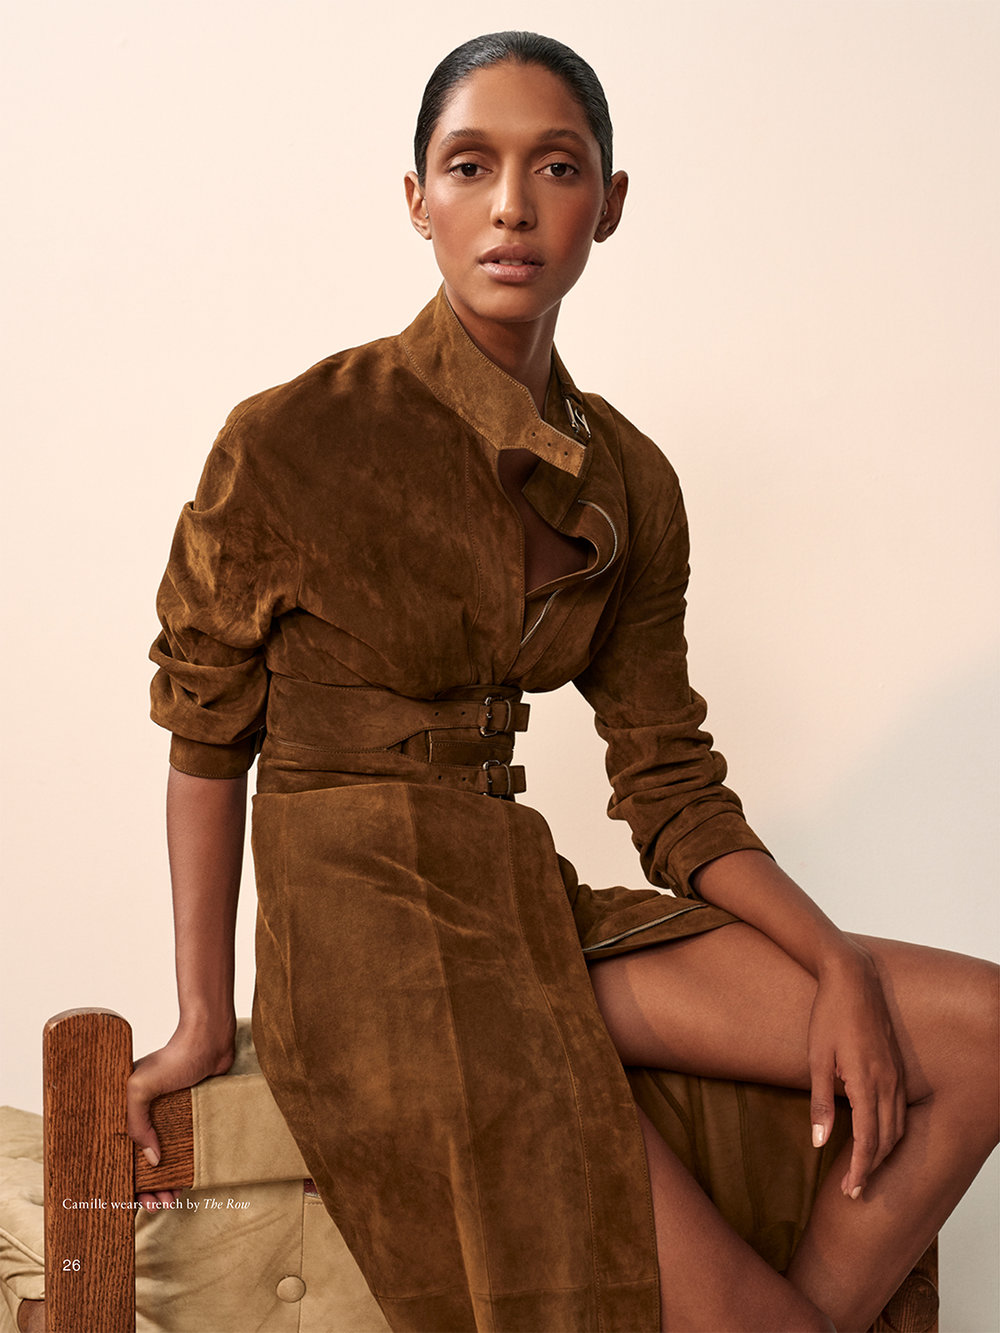 Camille Roche - for Unconditional Magazine